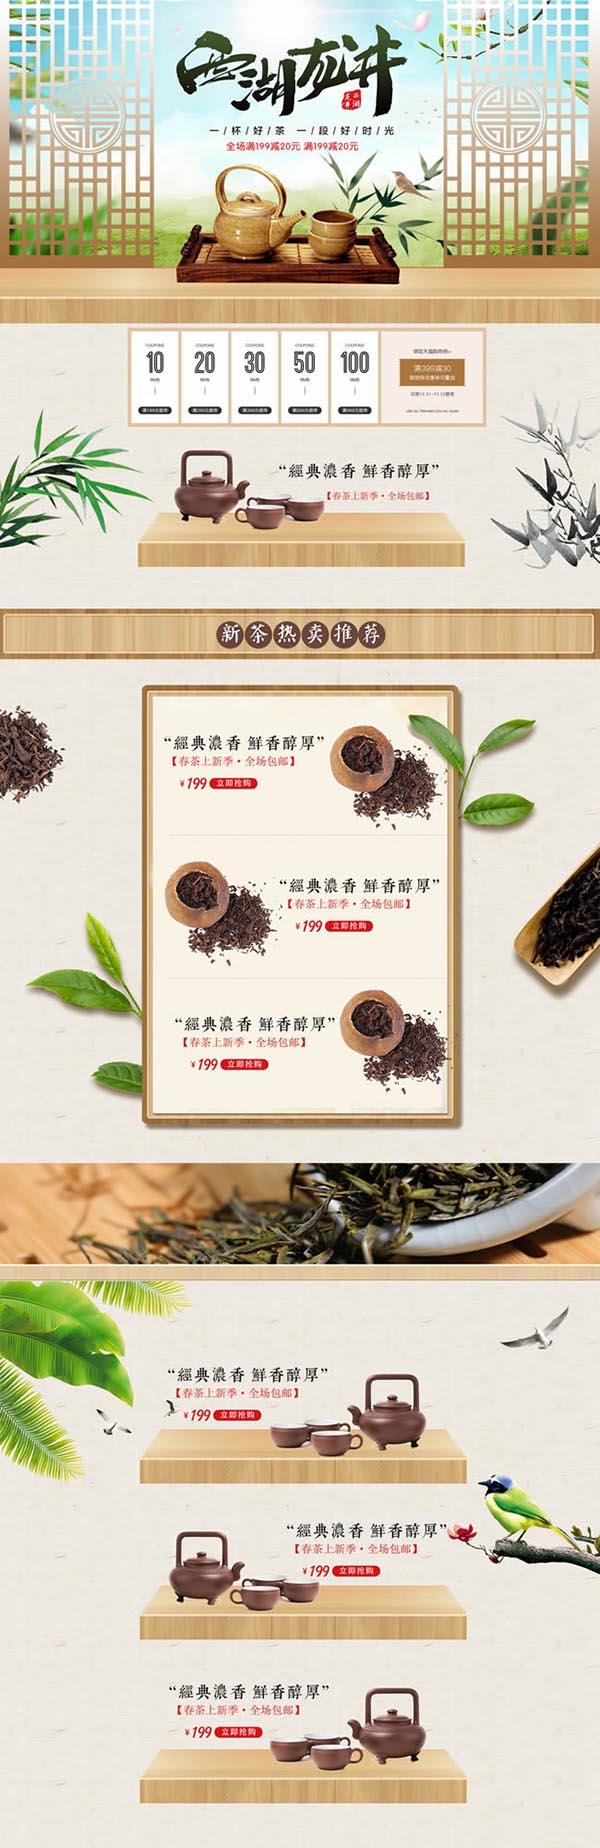 淘宝茶叶茶具首页